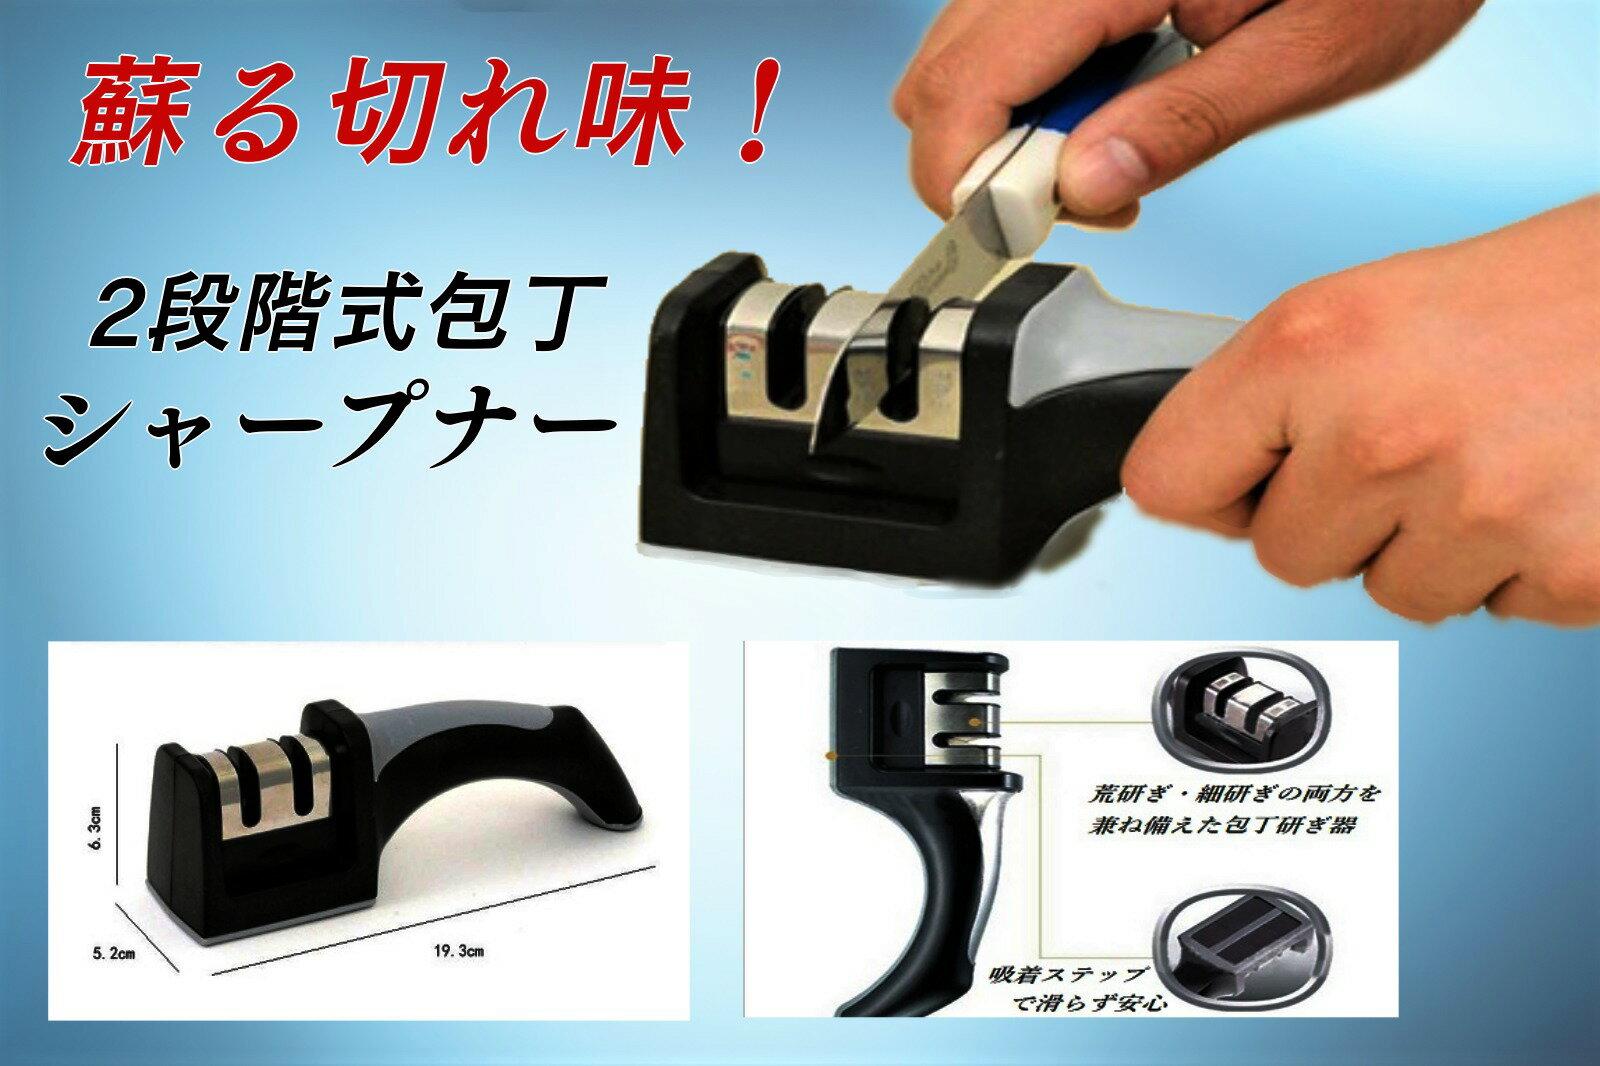 【送料無料】簡単に研磨ができるシンプルな包丁研ぎ器!包丁シャープナー